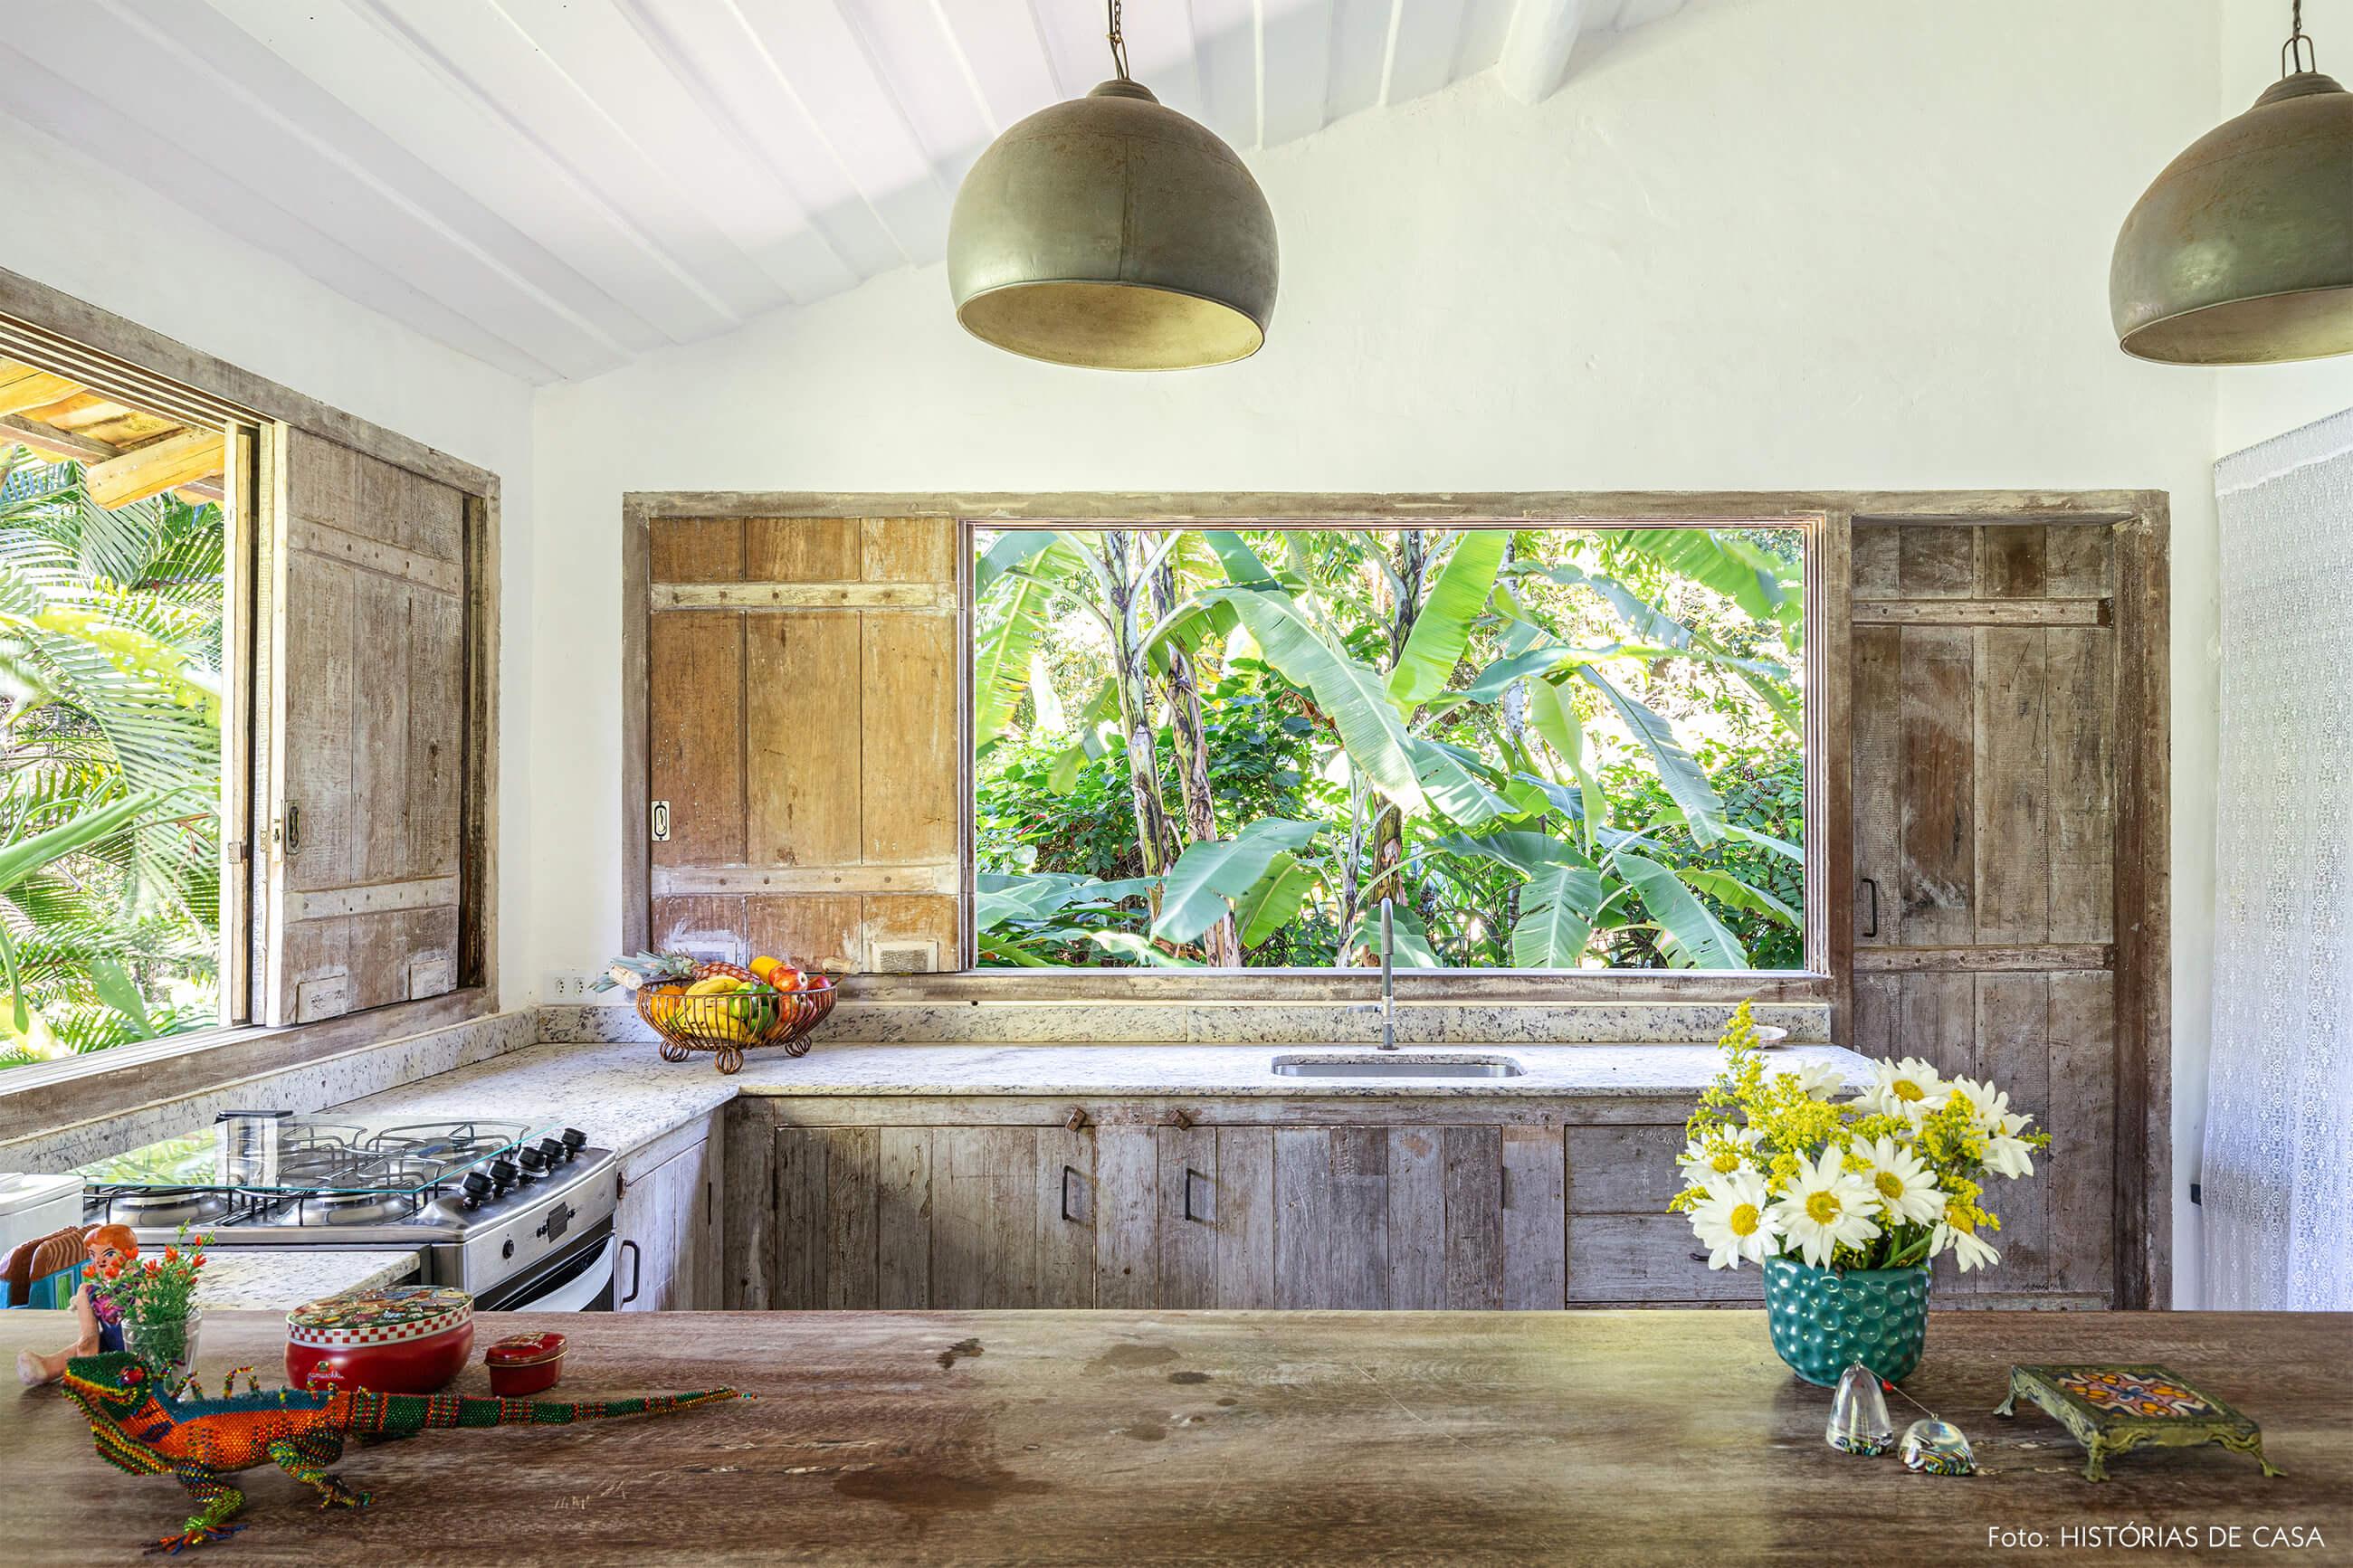 cozinha-rustica-com-bancada-de-madeira